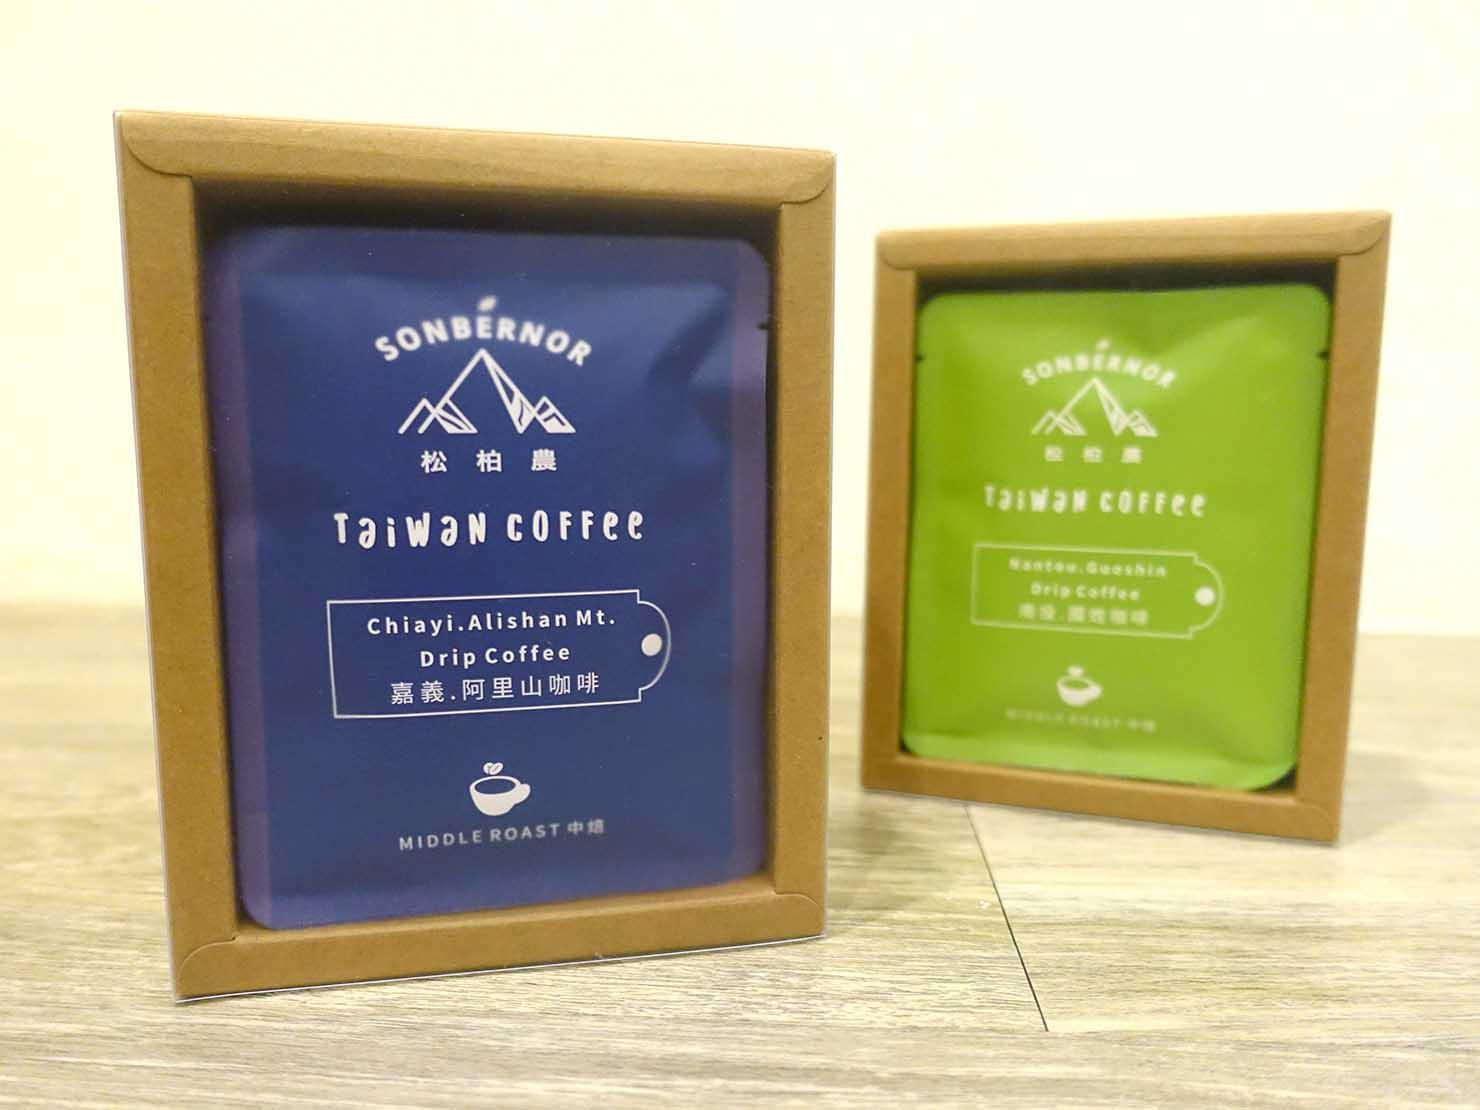 台北おみやげにおすすめのコーヒーブランド・SONBERNORの台湾コーヒー